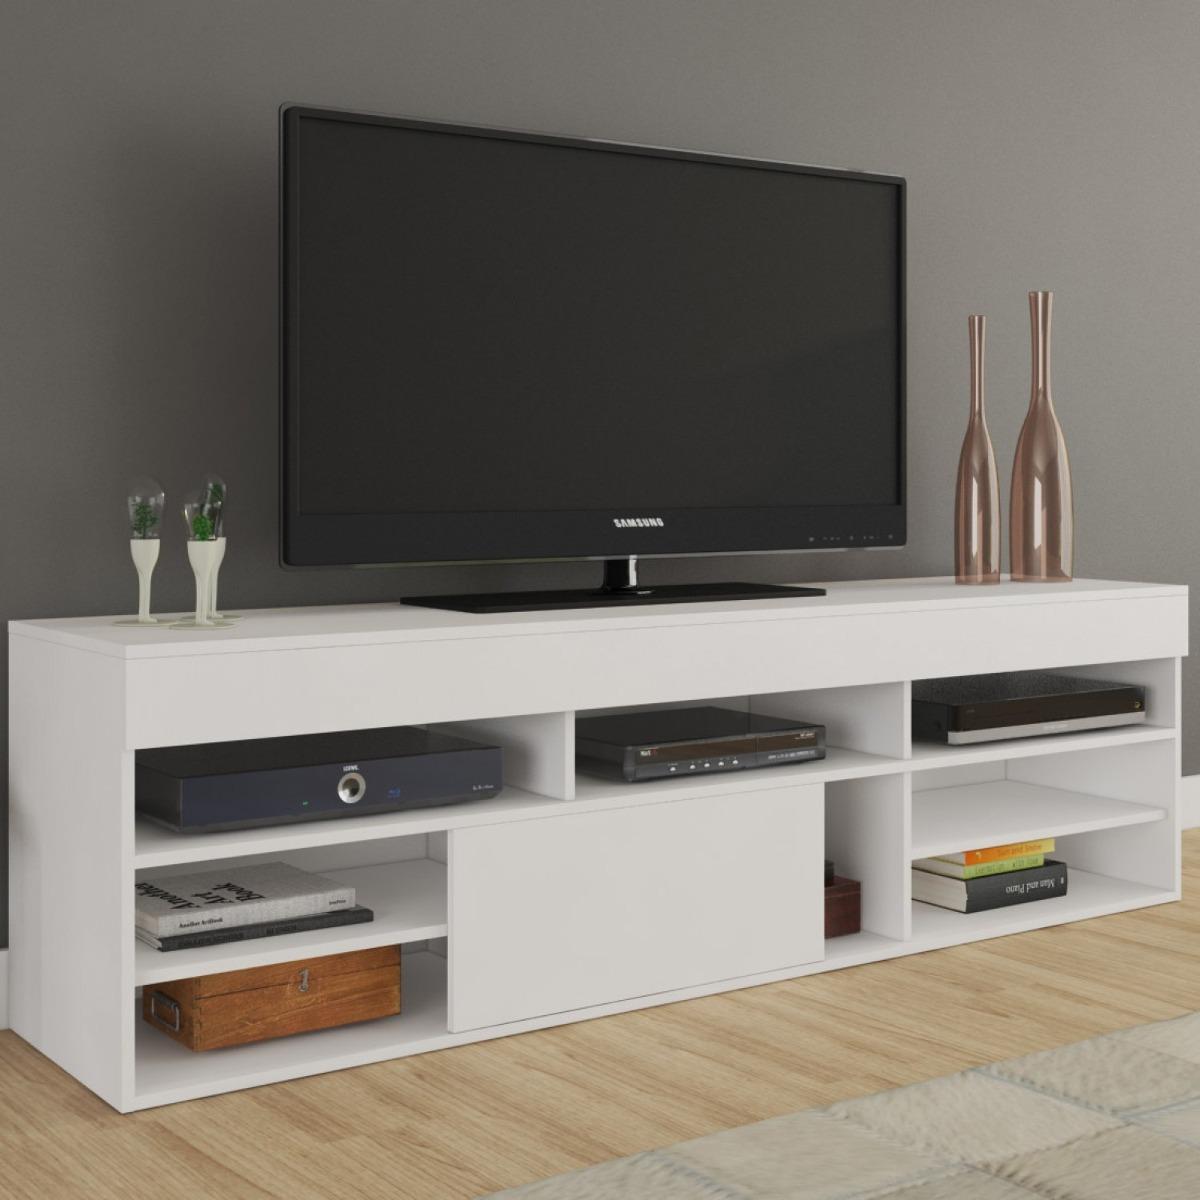 Rack Para Tv At 55 Polegadas Cedro Siena M Veis Fi R 209 90 Em  -> Rack Pra Sala De Tv